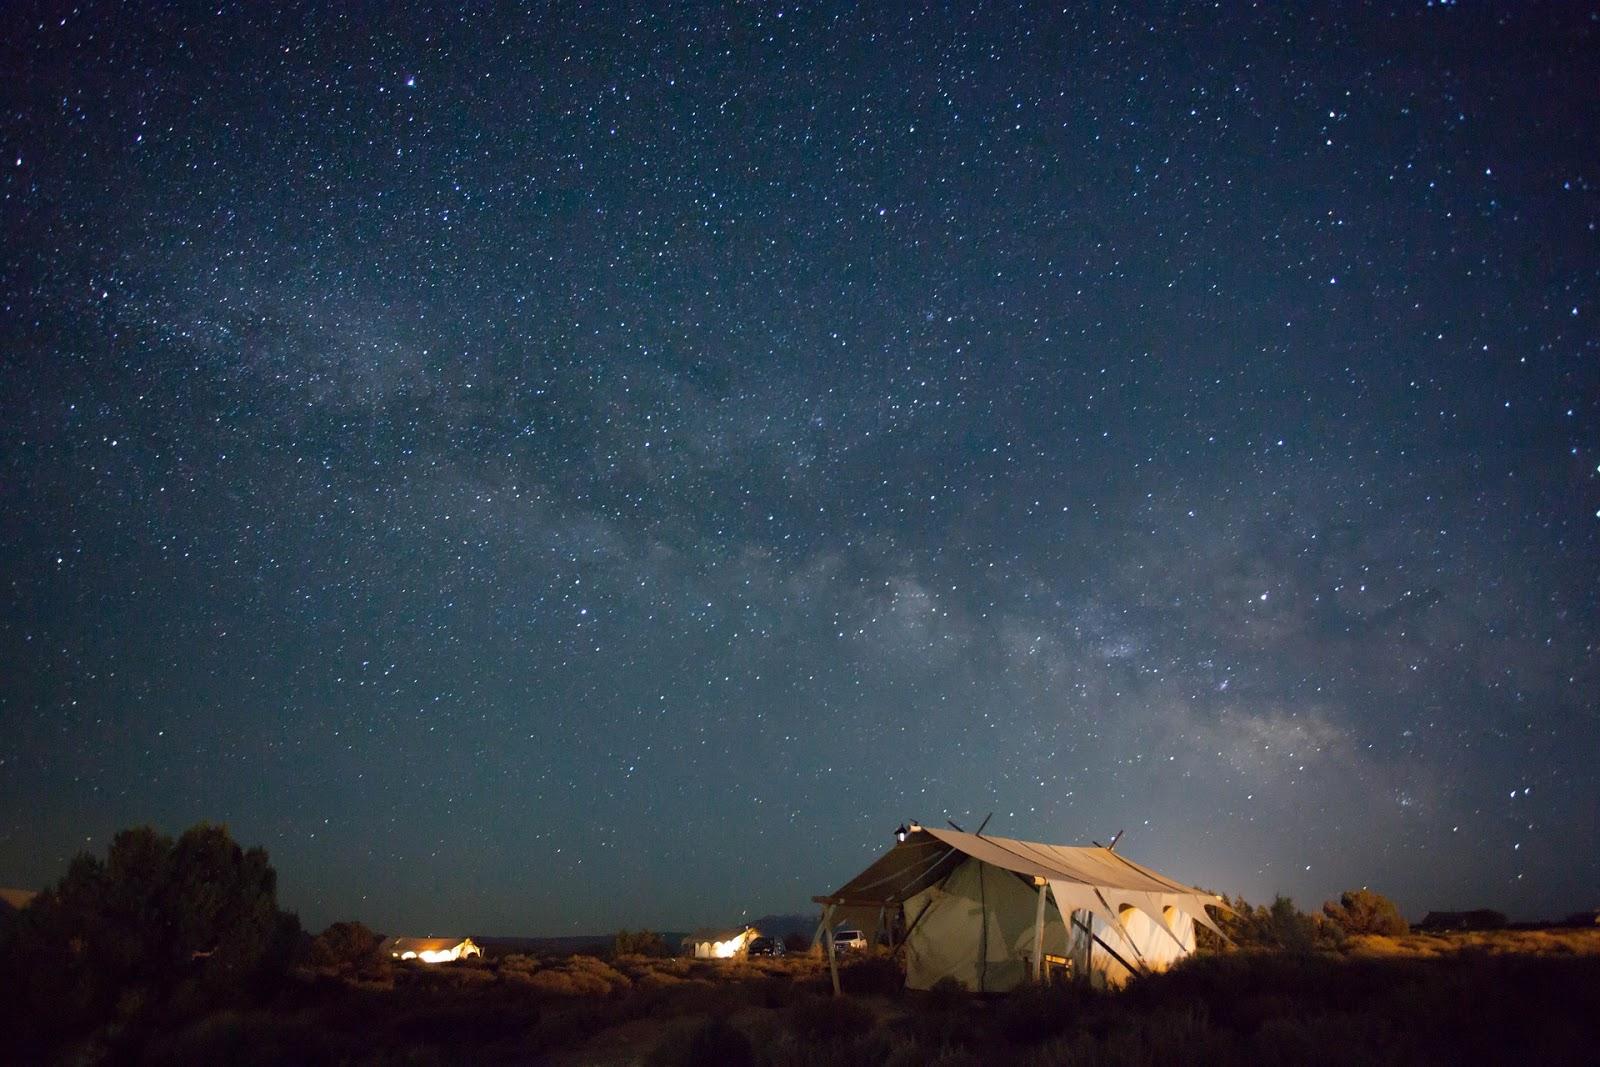 KHEERGANGA night star